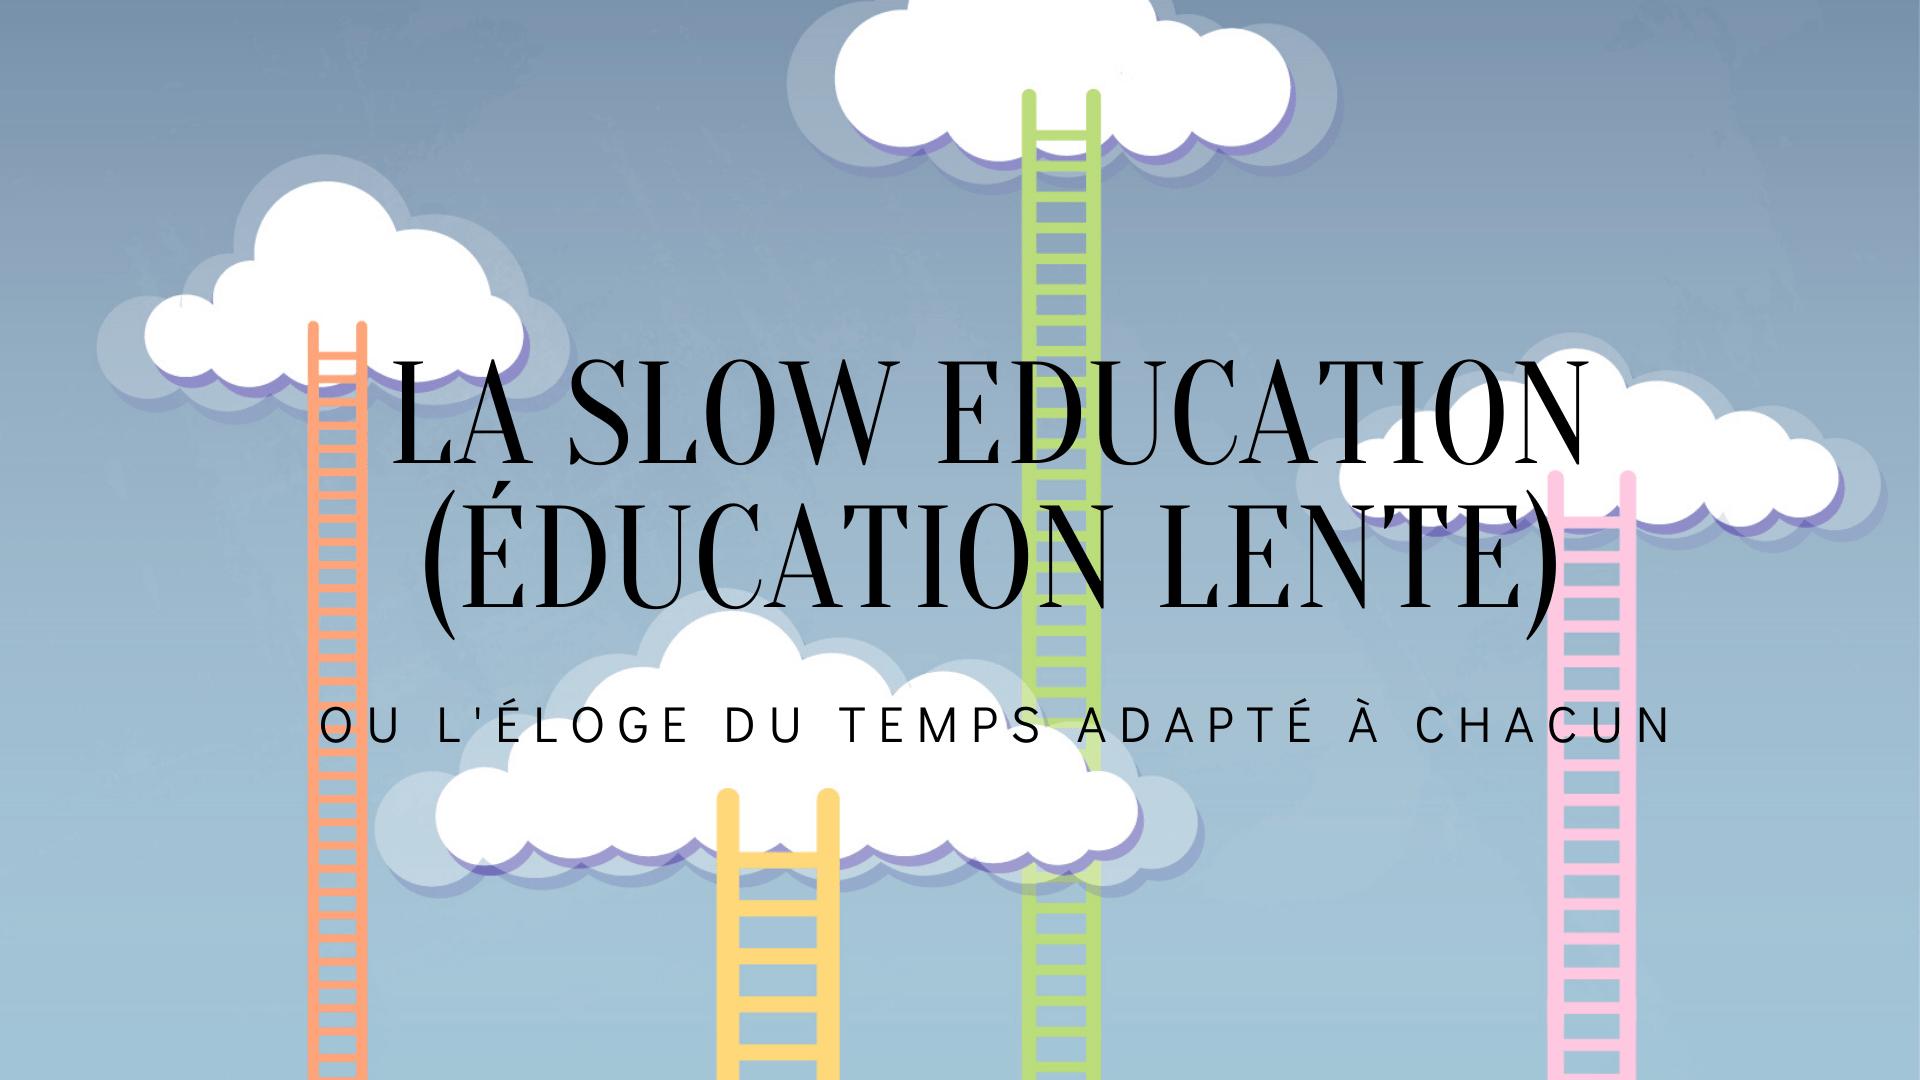 slow education école